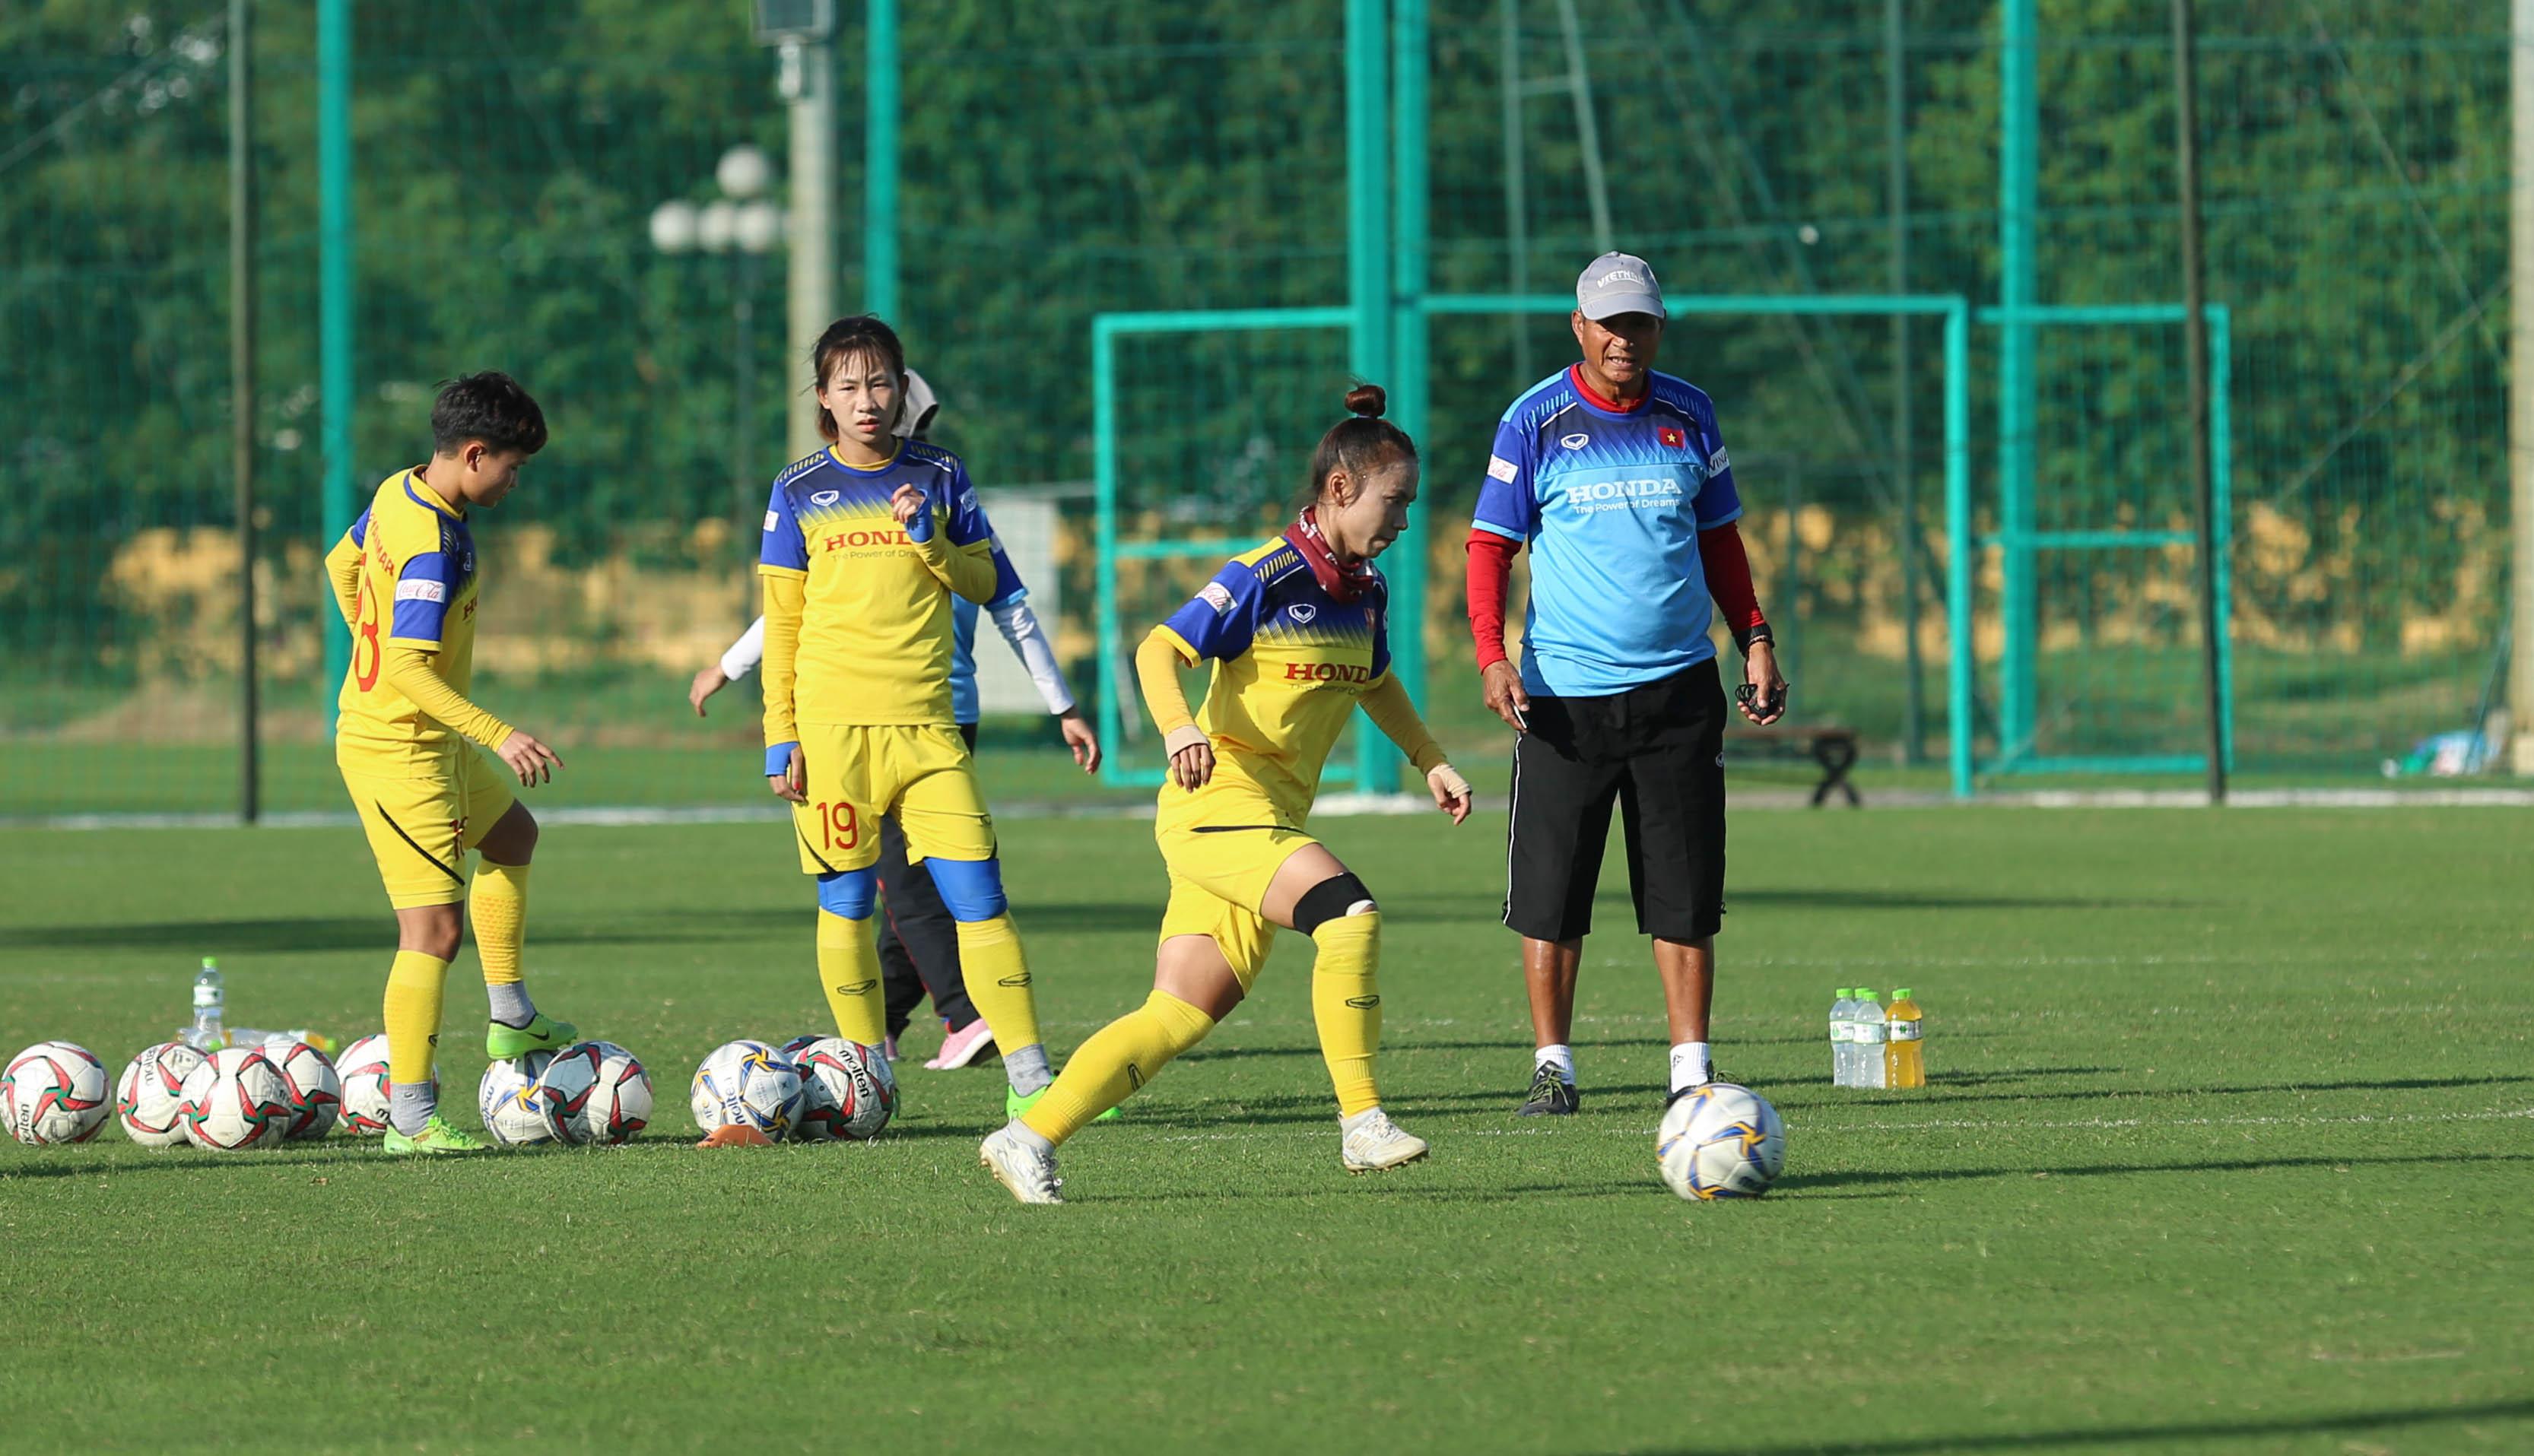 Đêm nay (10/11), đội tuyển nữ Quốc gia lên đường đi tập huấn tại Nhật Bản